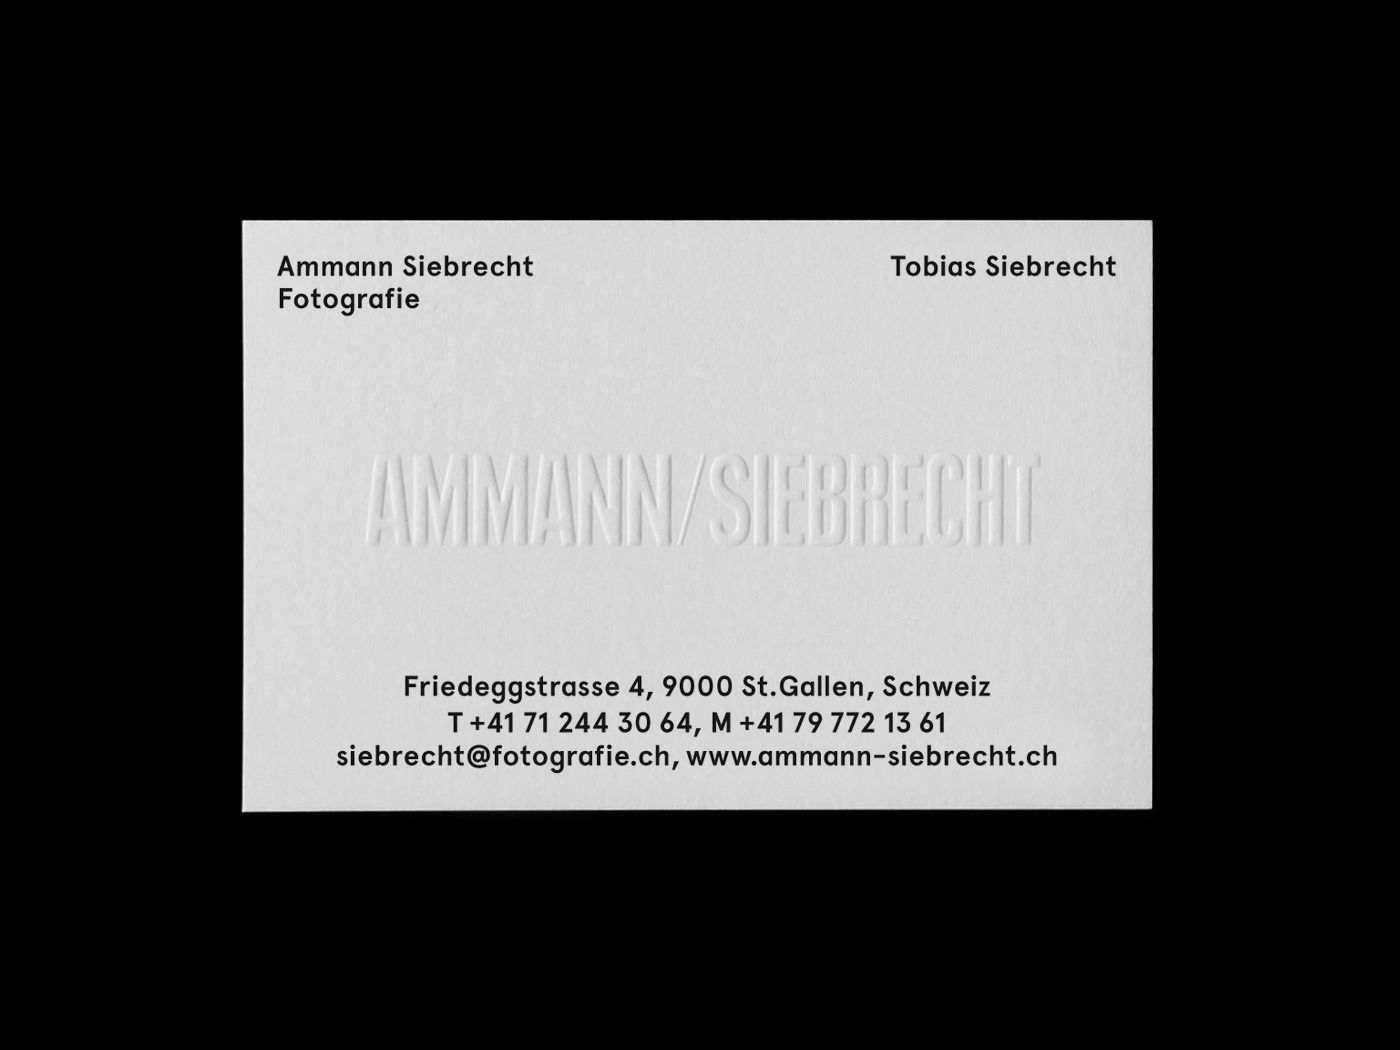 Bureau Collective – Ammann Siebrecht